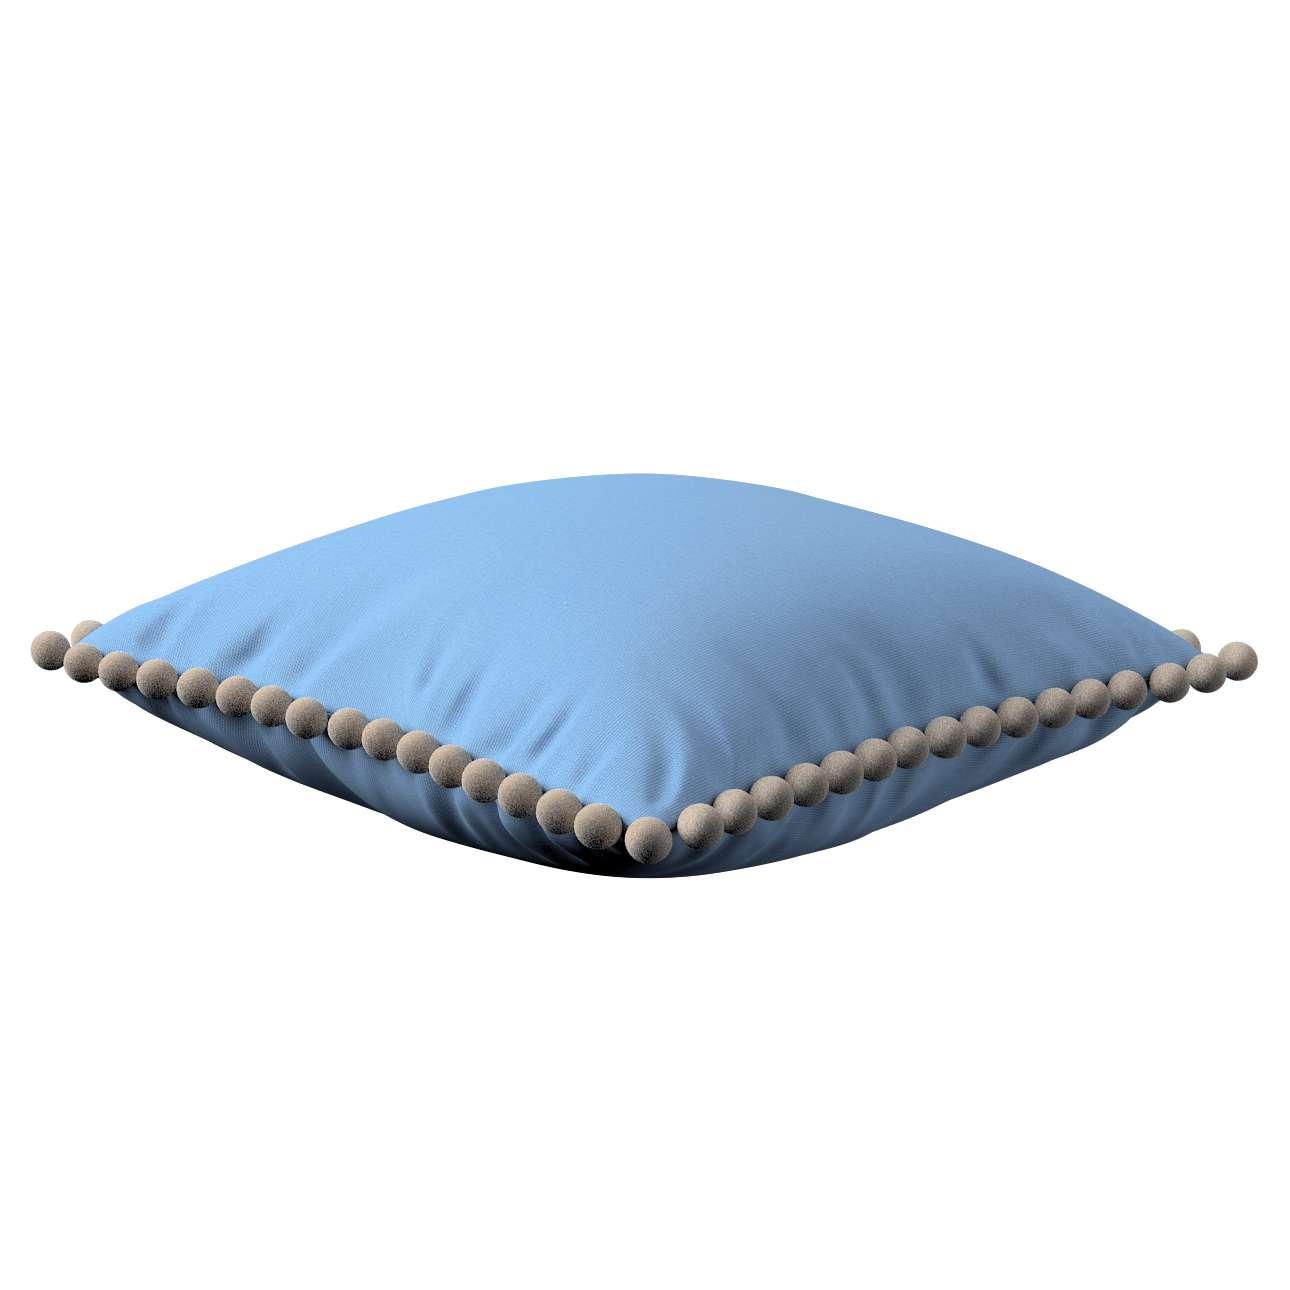 Wera dekoratyvinės pagalvėlės su žaismingais kraštais 45 x 45 cm kolekcijoje Loneta , audinys: 133-21